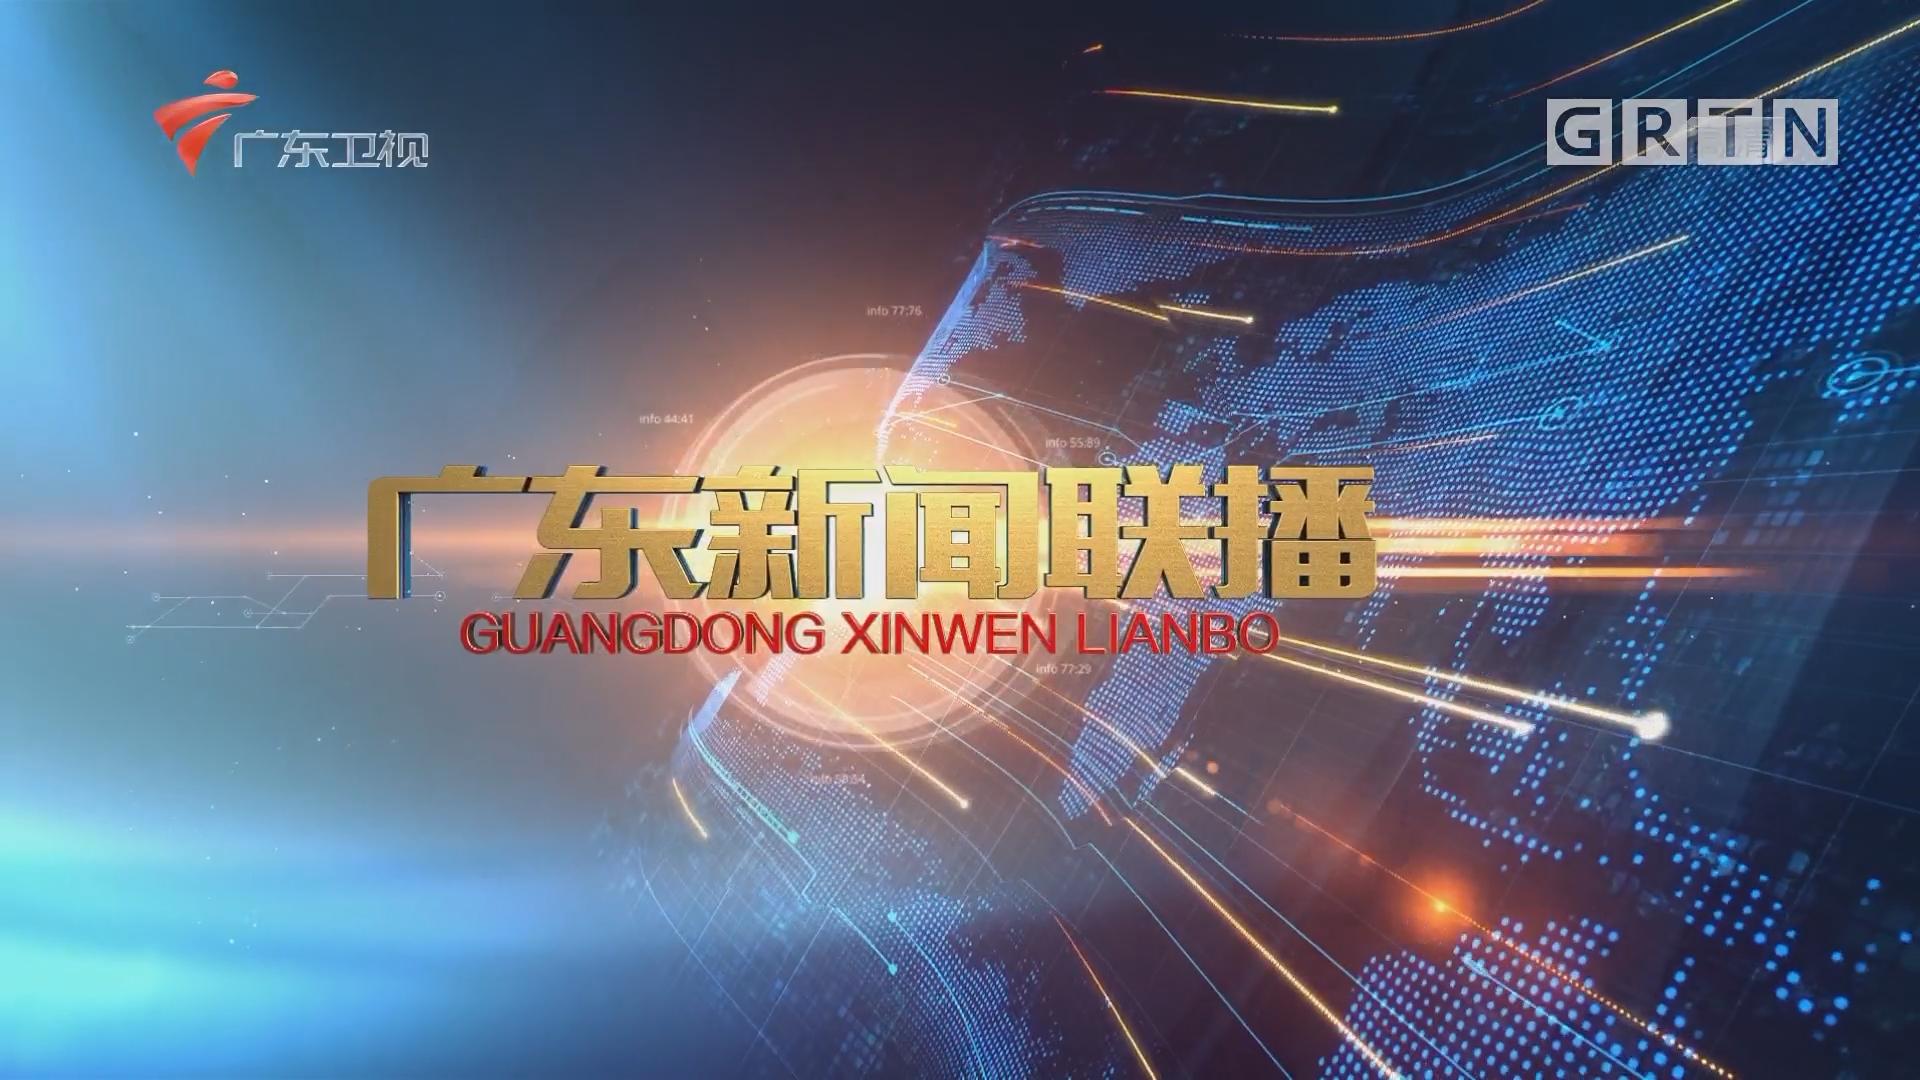 [HD][2019-05-11]广东新闻联播:把握大局大势抢抓发展机遇 开启广东老区苏区高质量发展新篇章